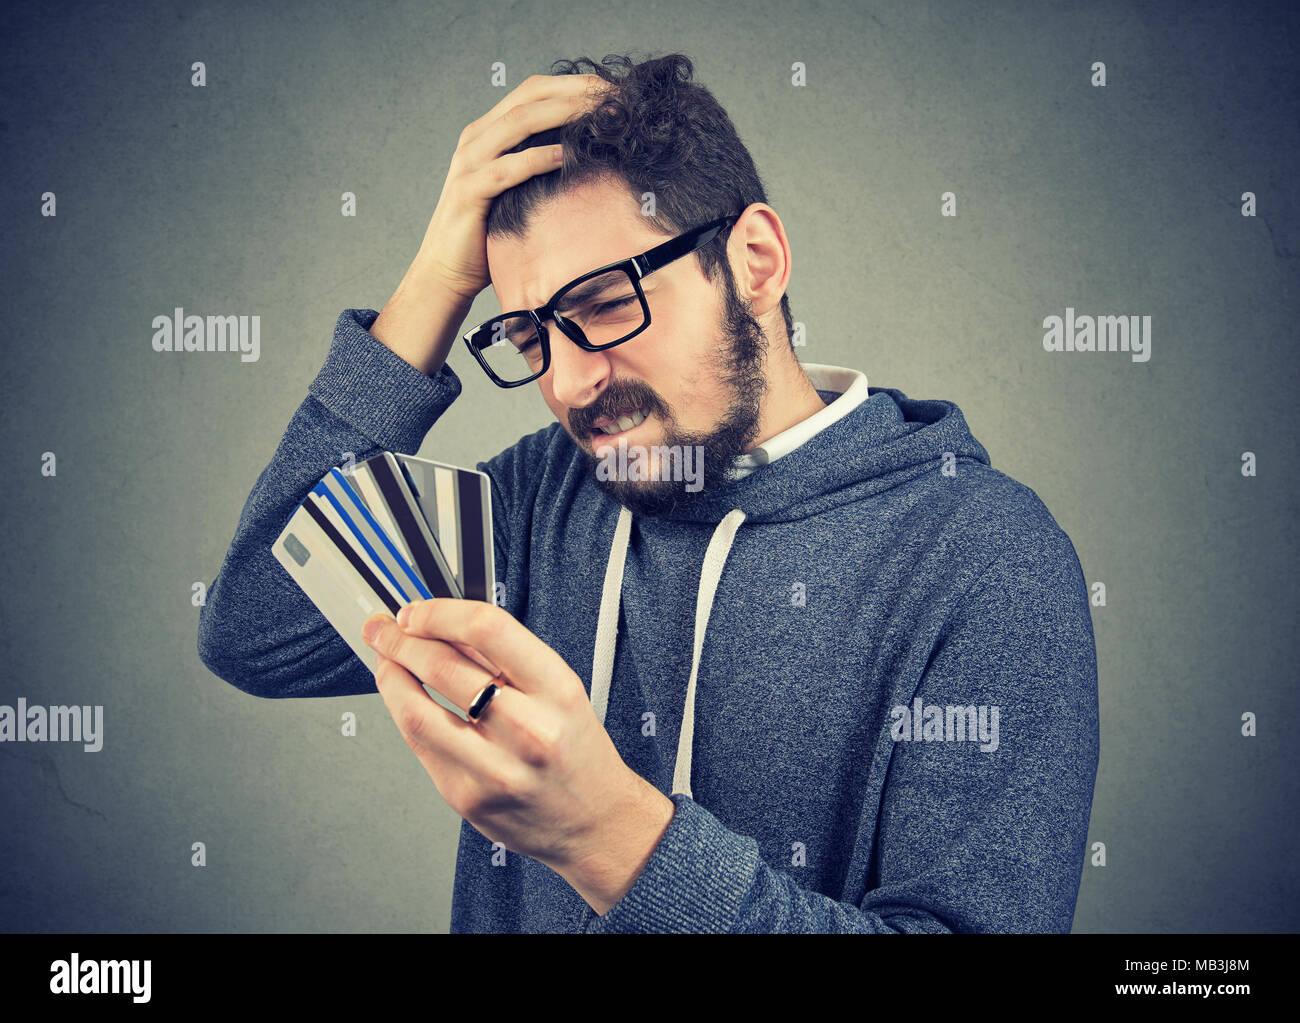 Confus a souligné man trop de cartes de crédit de la dette totale Photo Stock